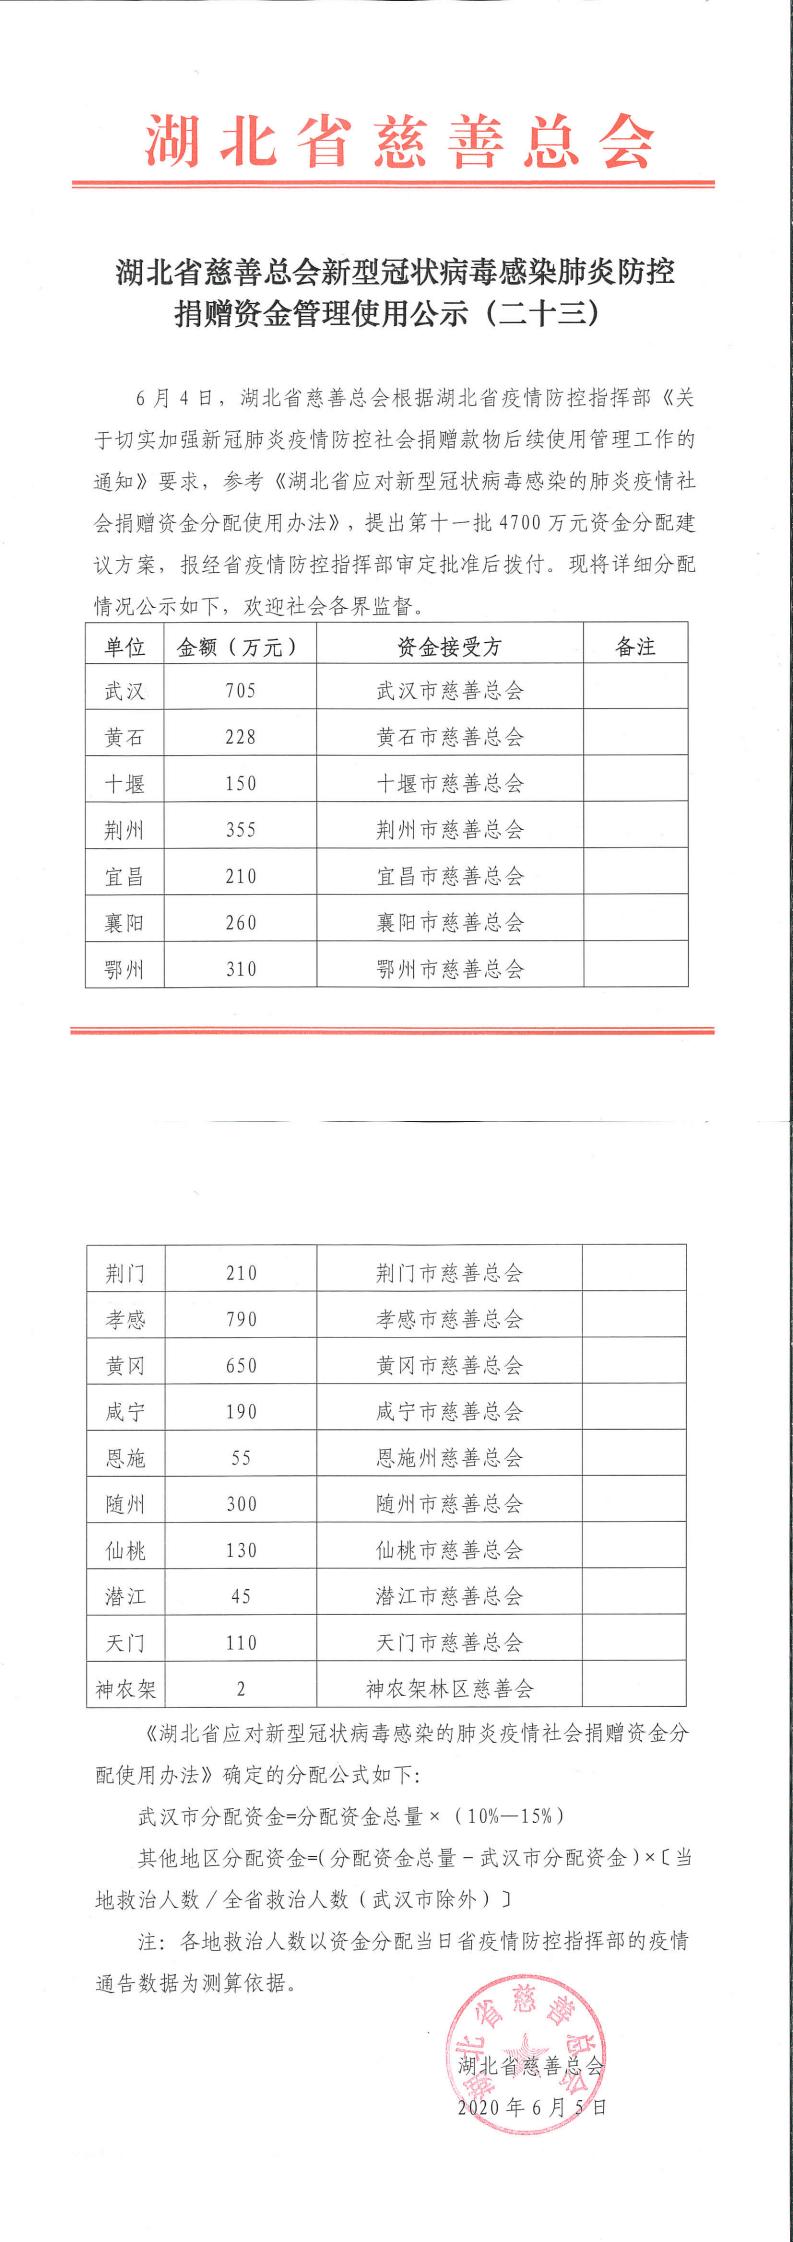 6月4日 湖北省慈善总会资金拨付公示(二十三)_0.png